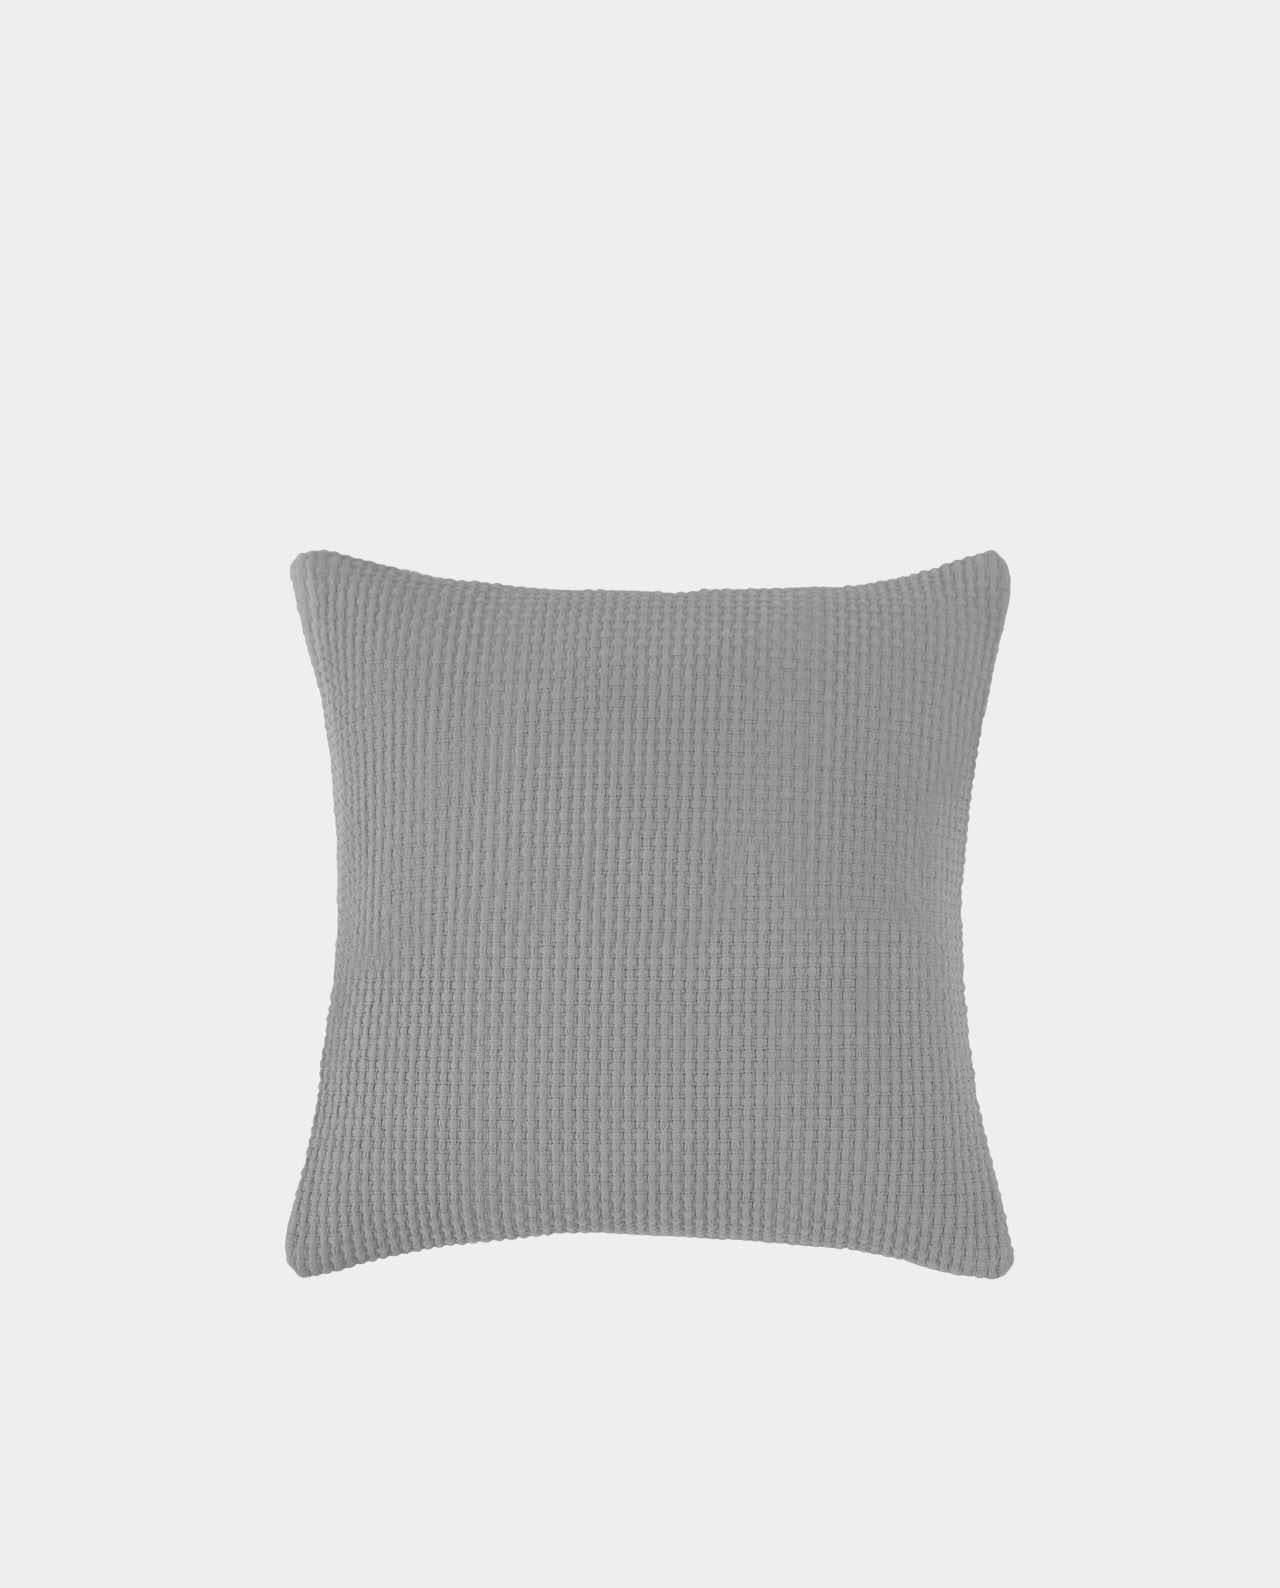 dekokissen rowan grey jetzt online kaufen. Black Bedroom Furniture Sets. Home Design Ideas